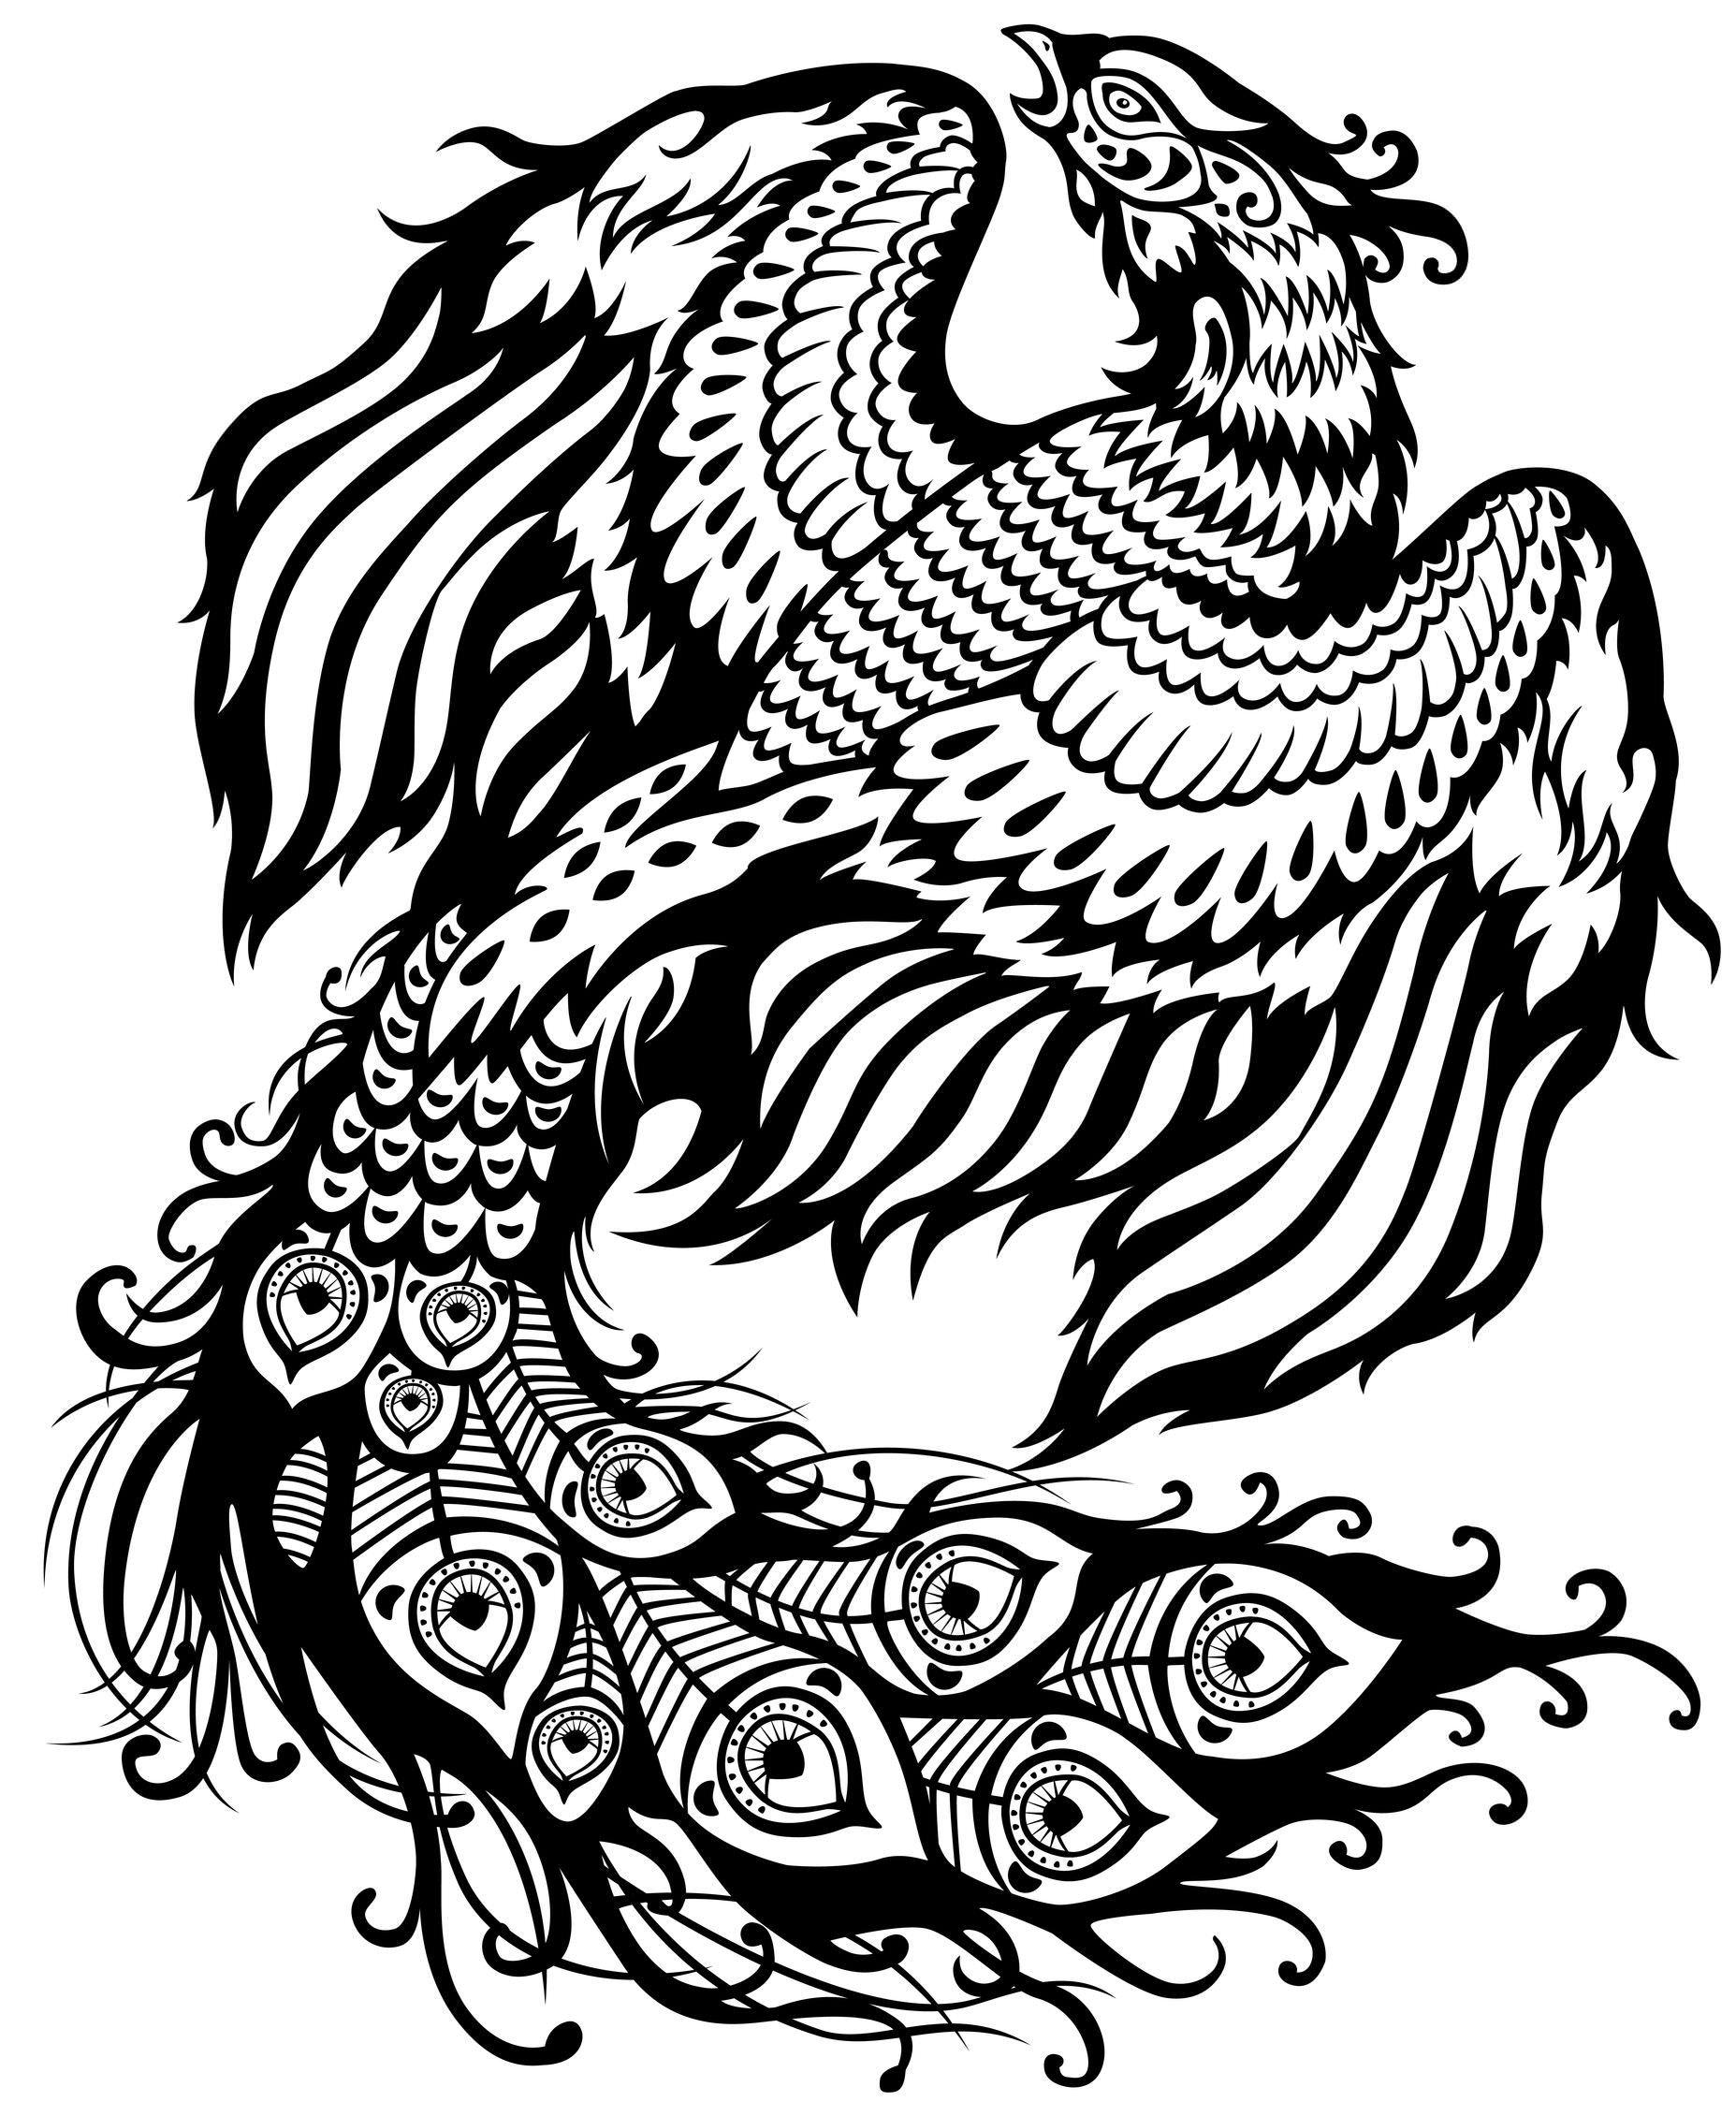 Coloriage phoenix dessin noir et blanc tatouage - Dessin noir et blanc ...